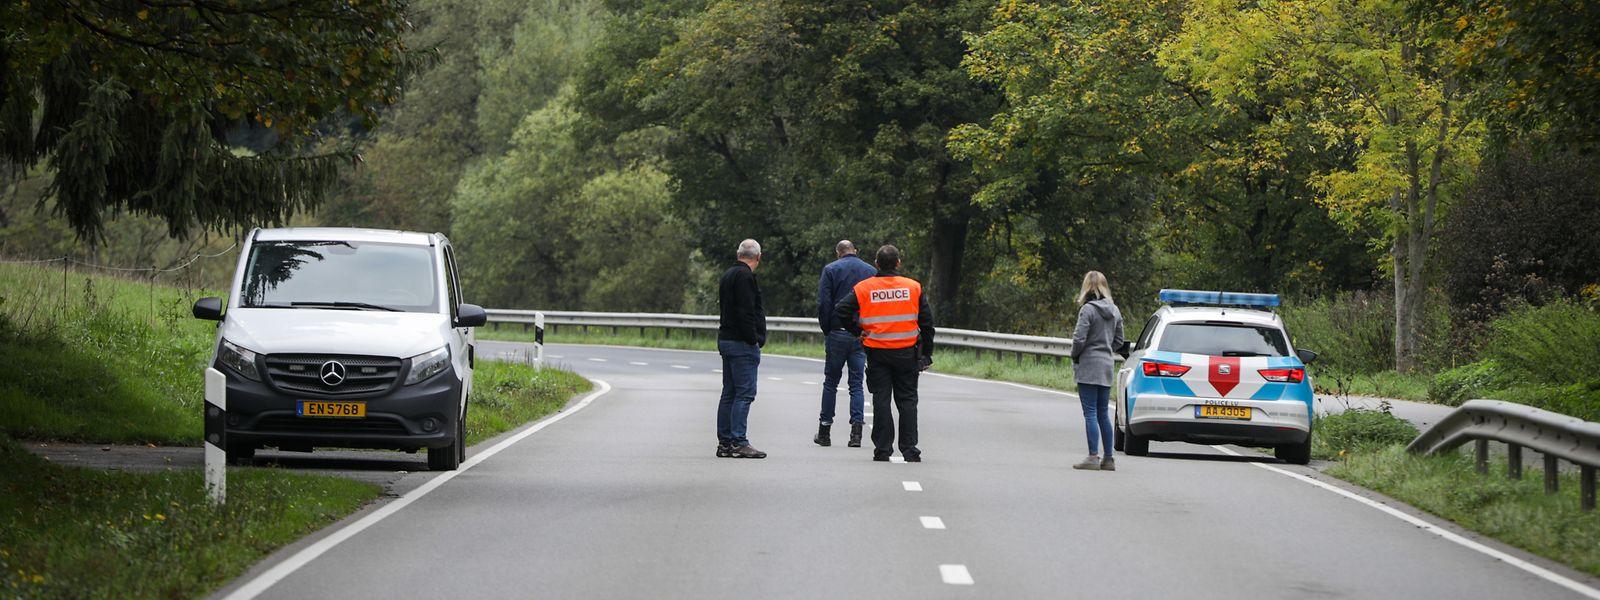 Die N10 wird am Freitag aufgrund von der Spurensicherung durch die Kriminalpolizei zeitweilig geschlossen sein.